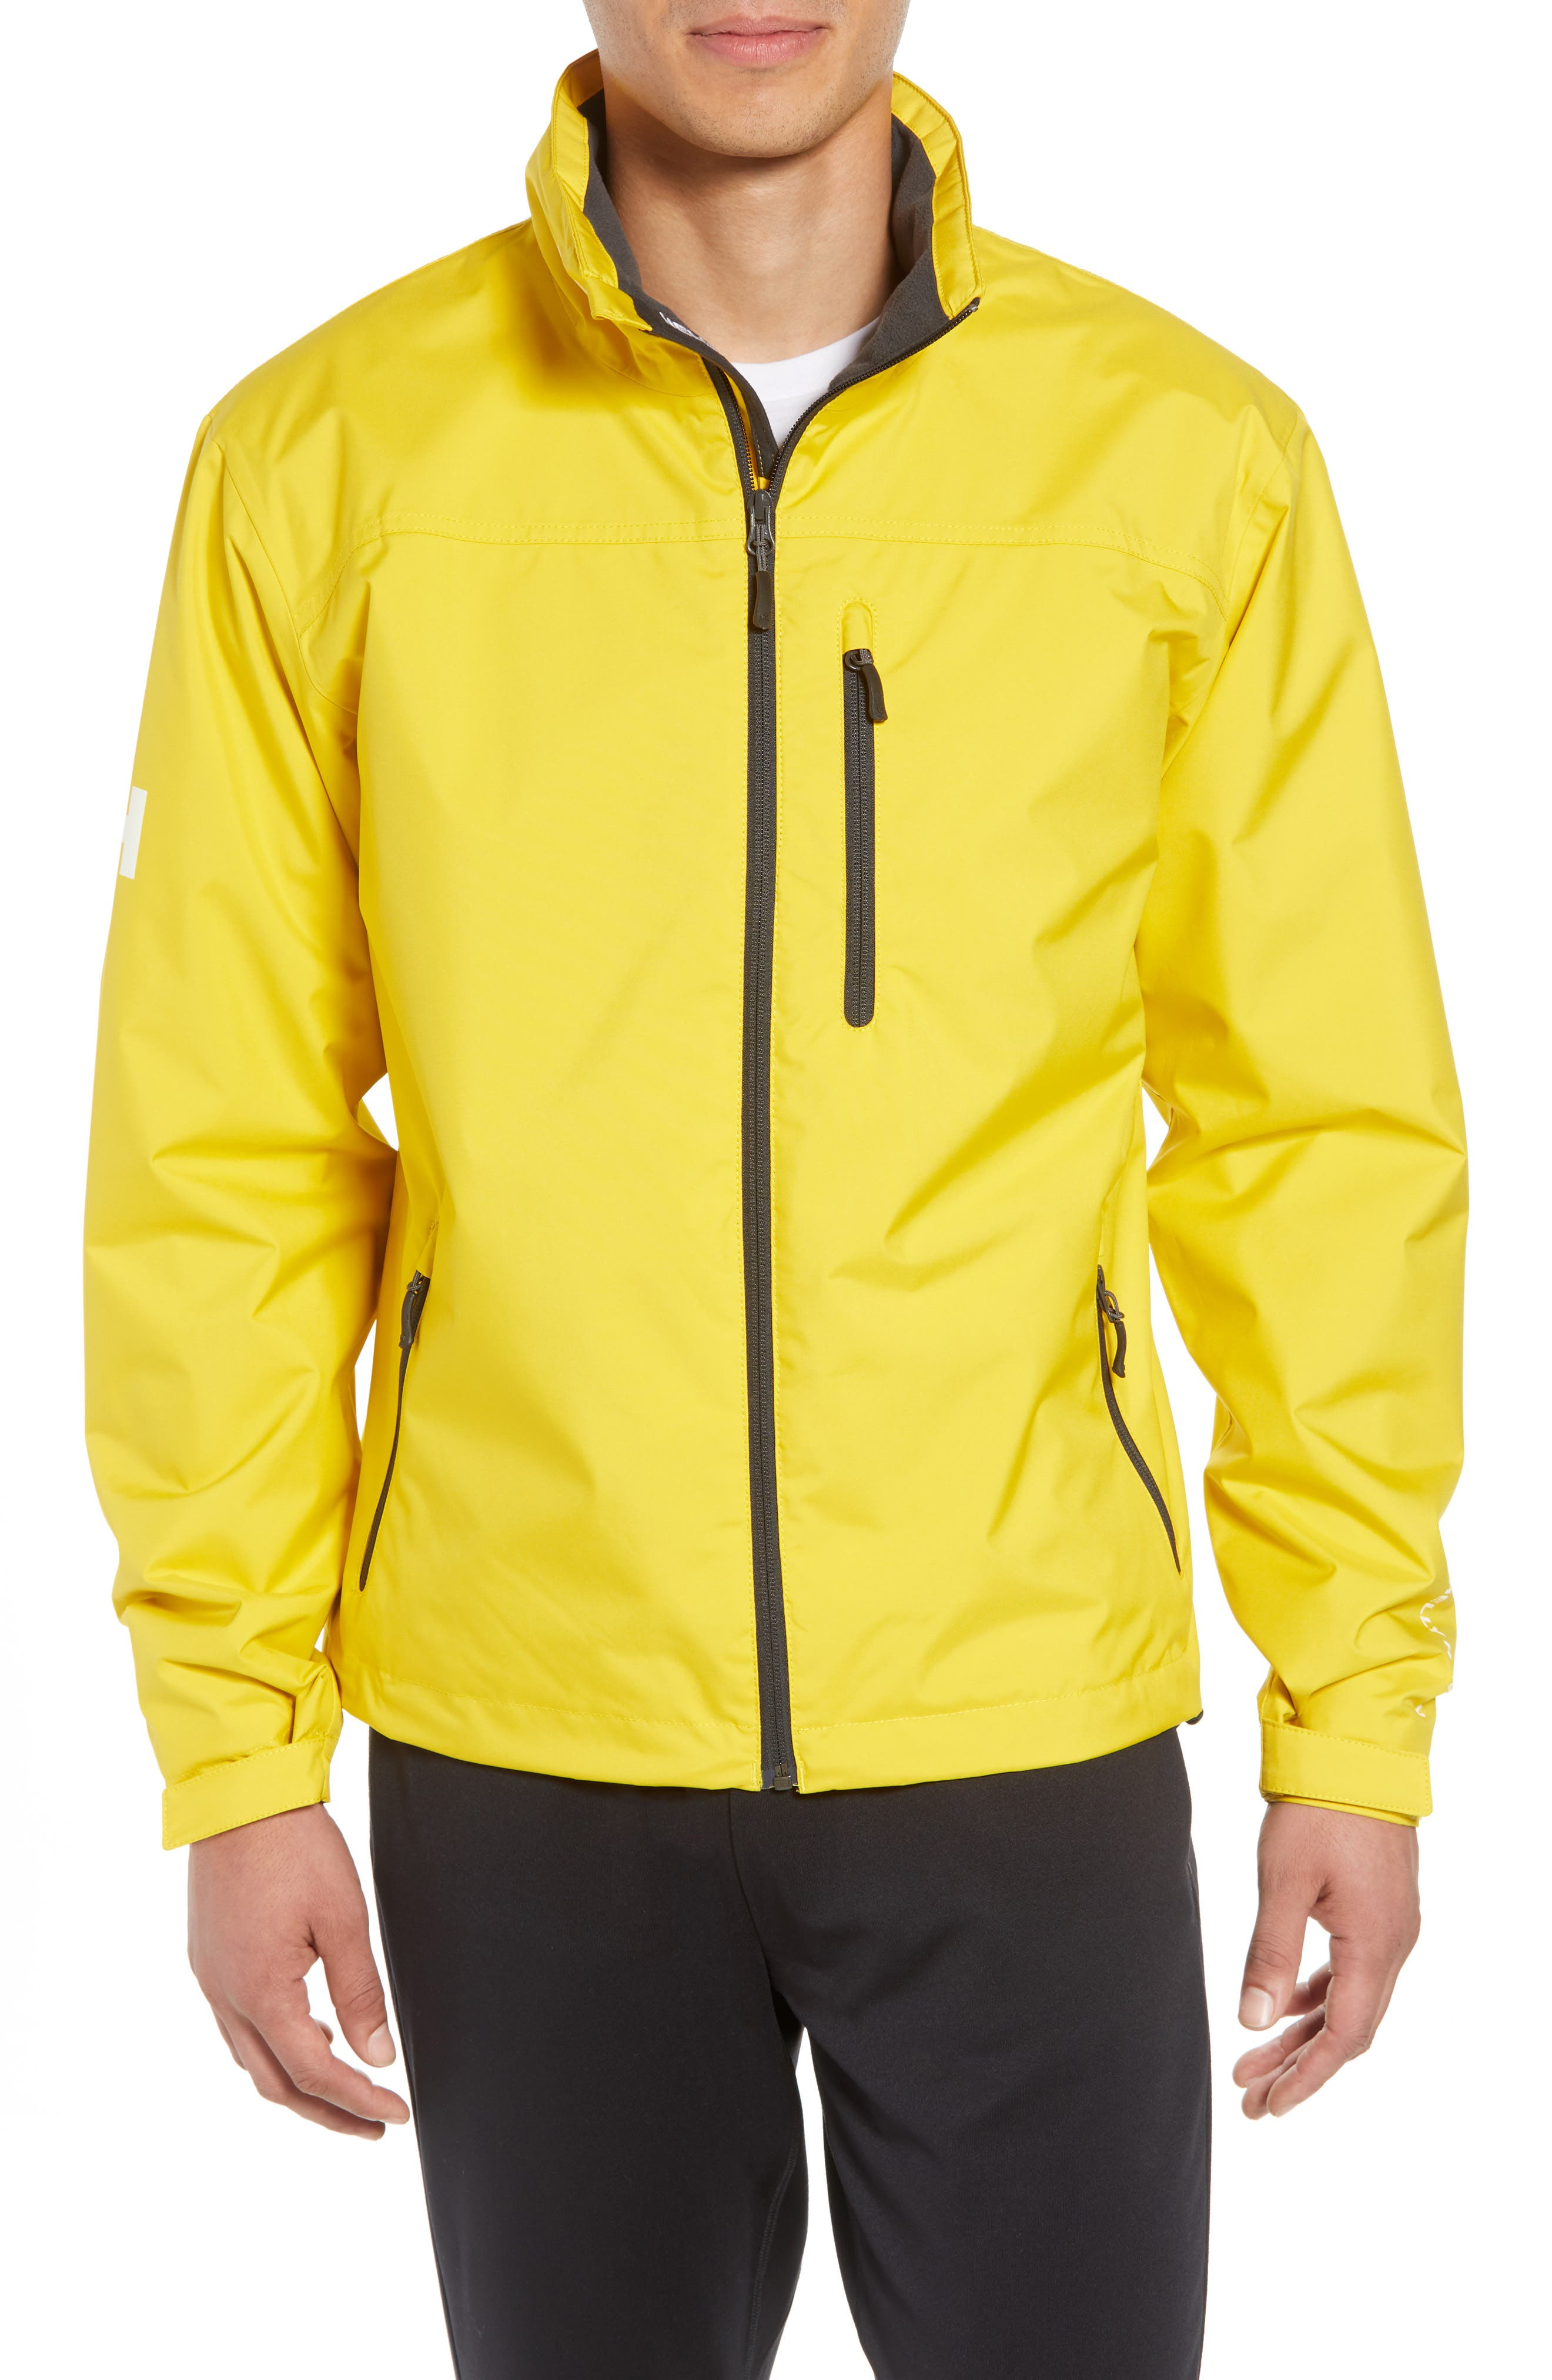 Helly Hansen 'Crew' Waterproof & Windproof Jacket